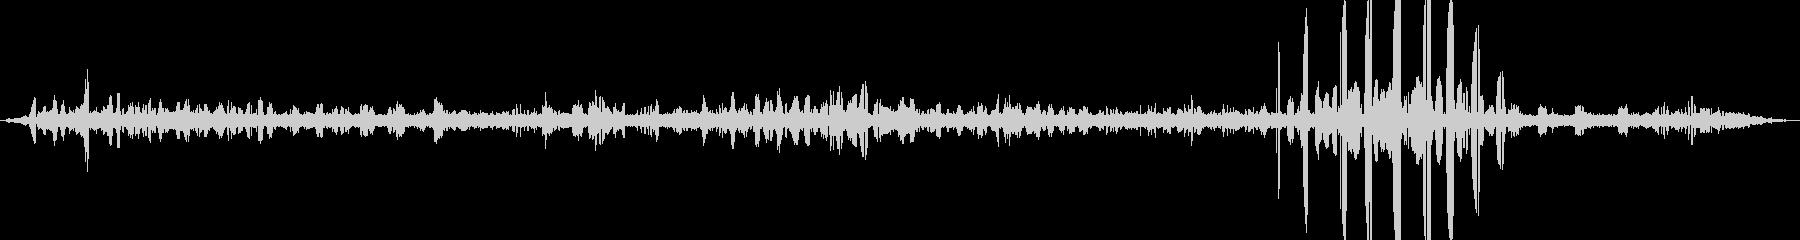 【自然音】朝の棚田01(栃又)の未再生の波形